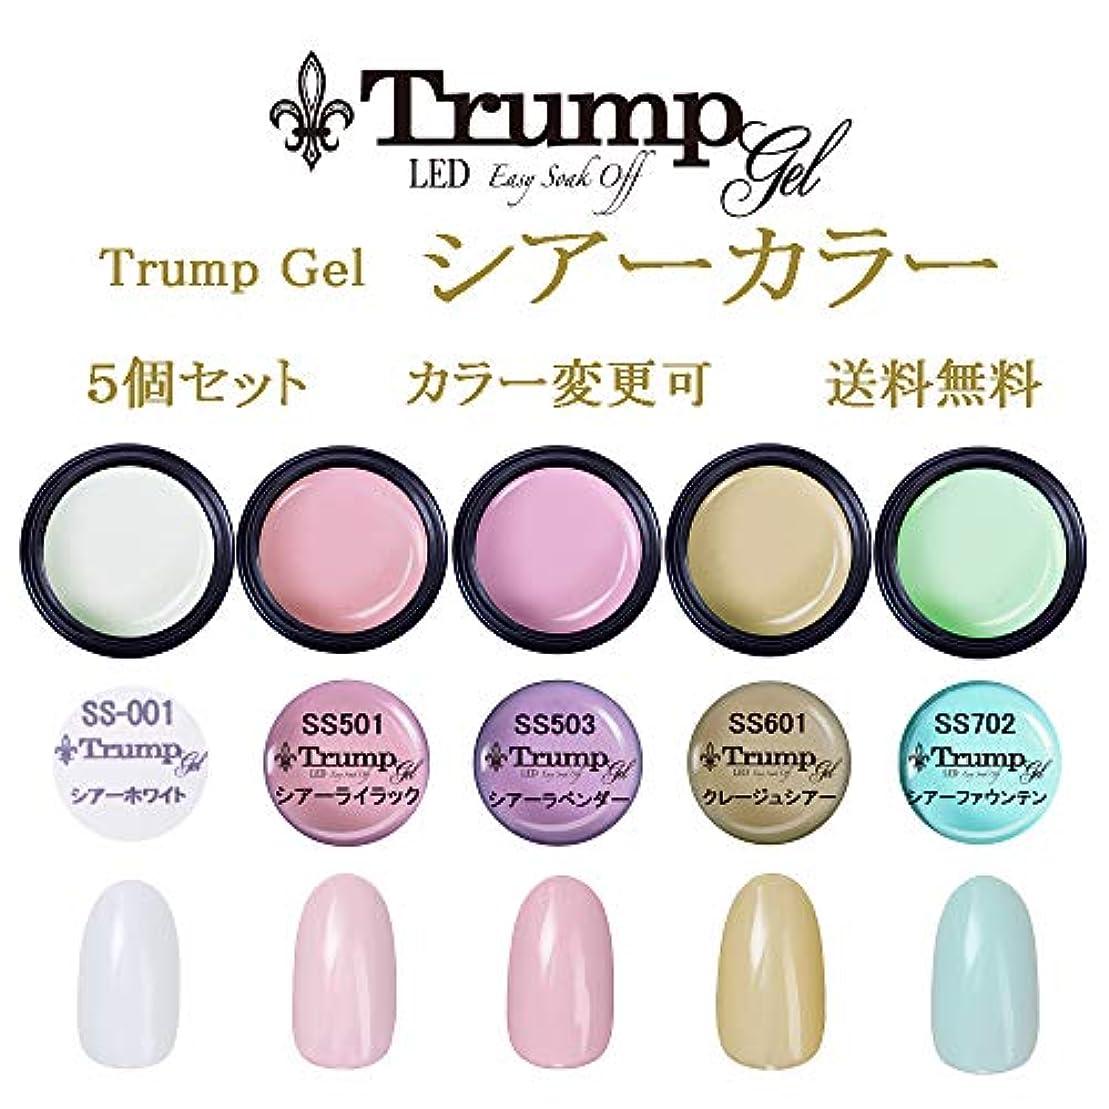 ワゴン報奨金パンチ日本製 Trump gel トランプジェル シアー カラージェル 選べる 5個セット ホワイト ピンク パープル イエロー ブルー